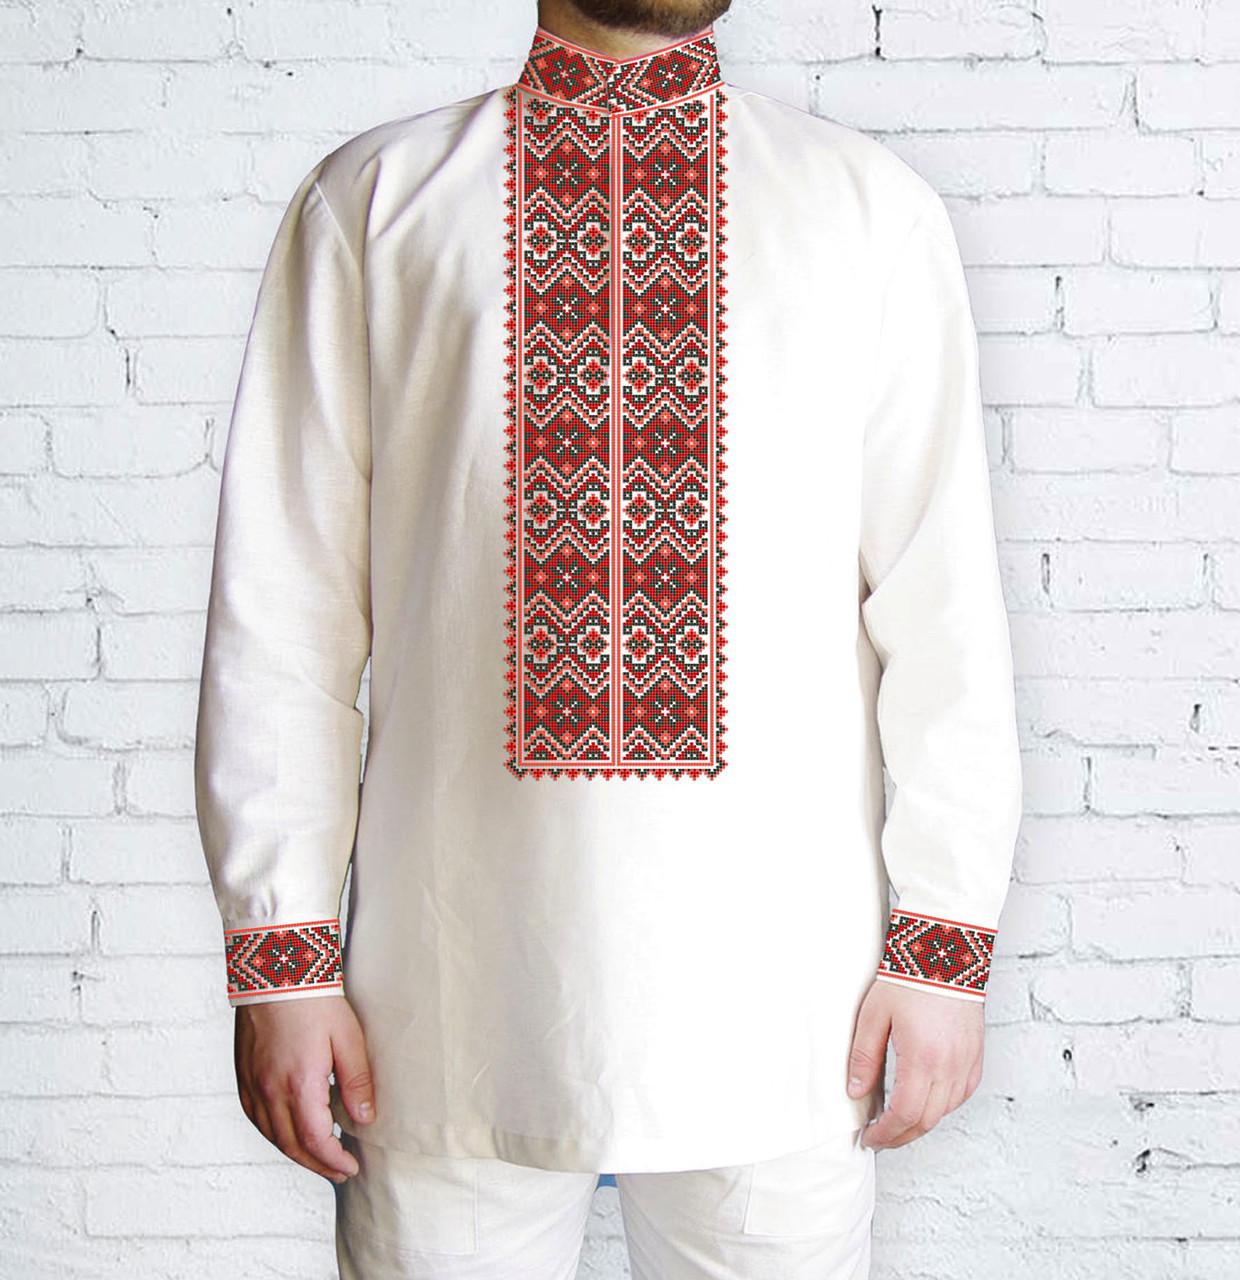 Заготовка чоловічої сорочки та вишиванки для вишивки чи вишивання бісером Бисерок «Ромби червоні 511 Ч» (Ч-511 Ч )